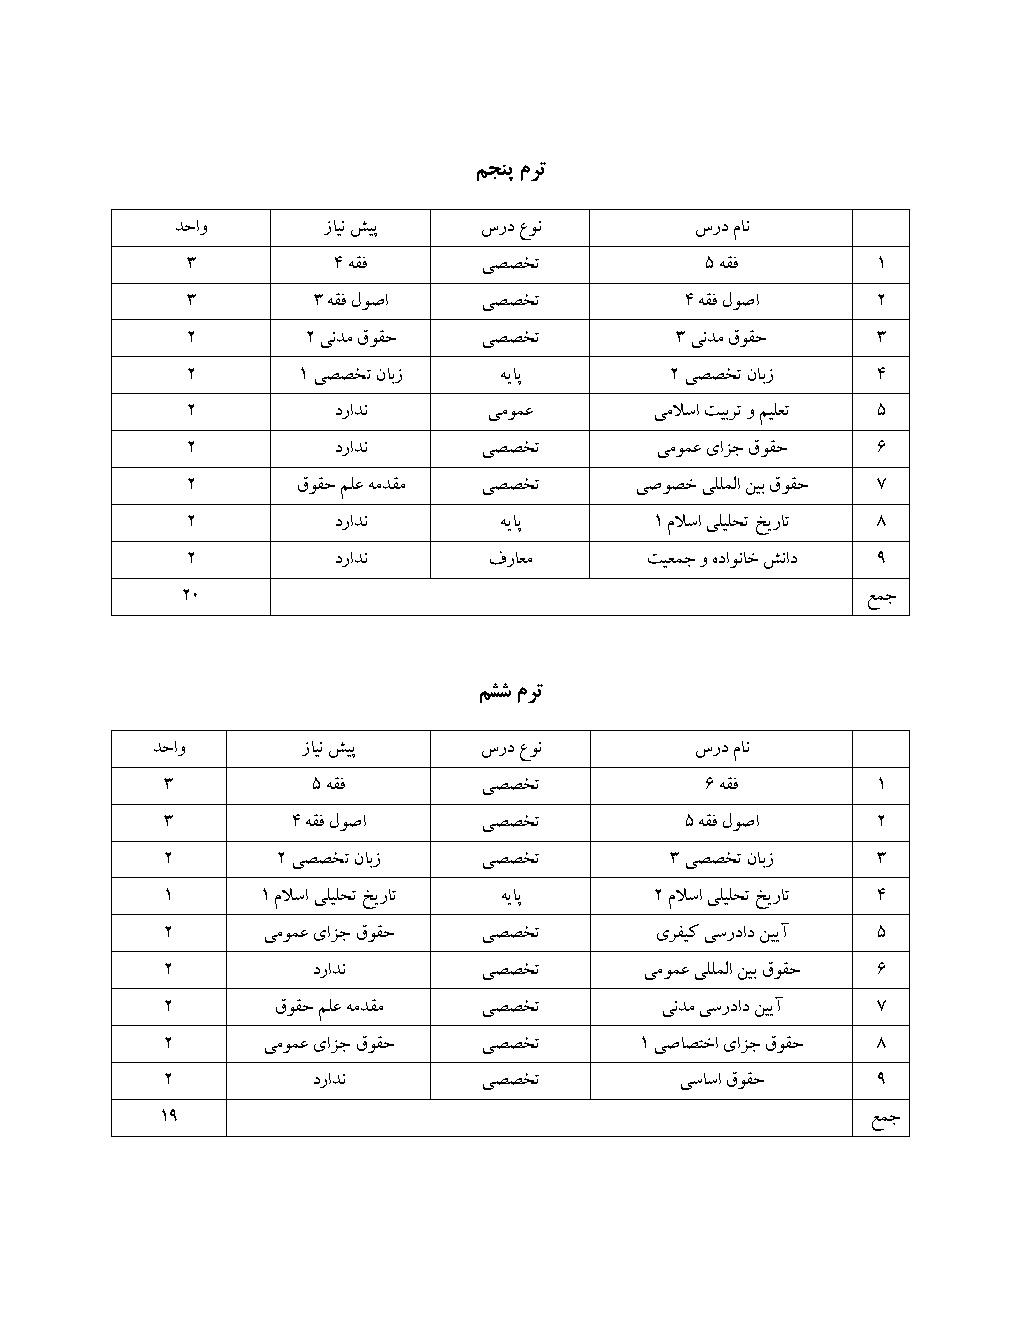 کارشناسی فقه و حقوق اسلامی، ۹۵ به قبل_Page3